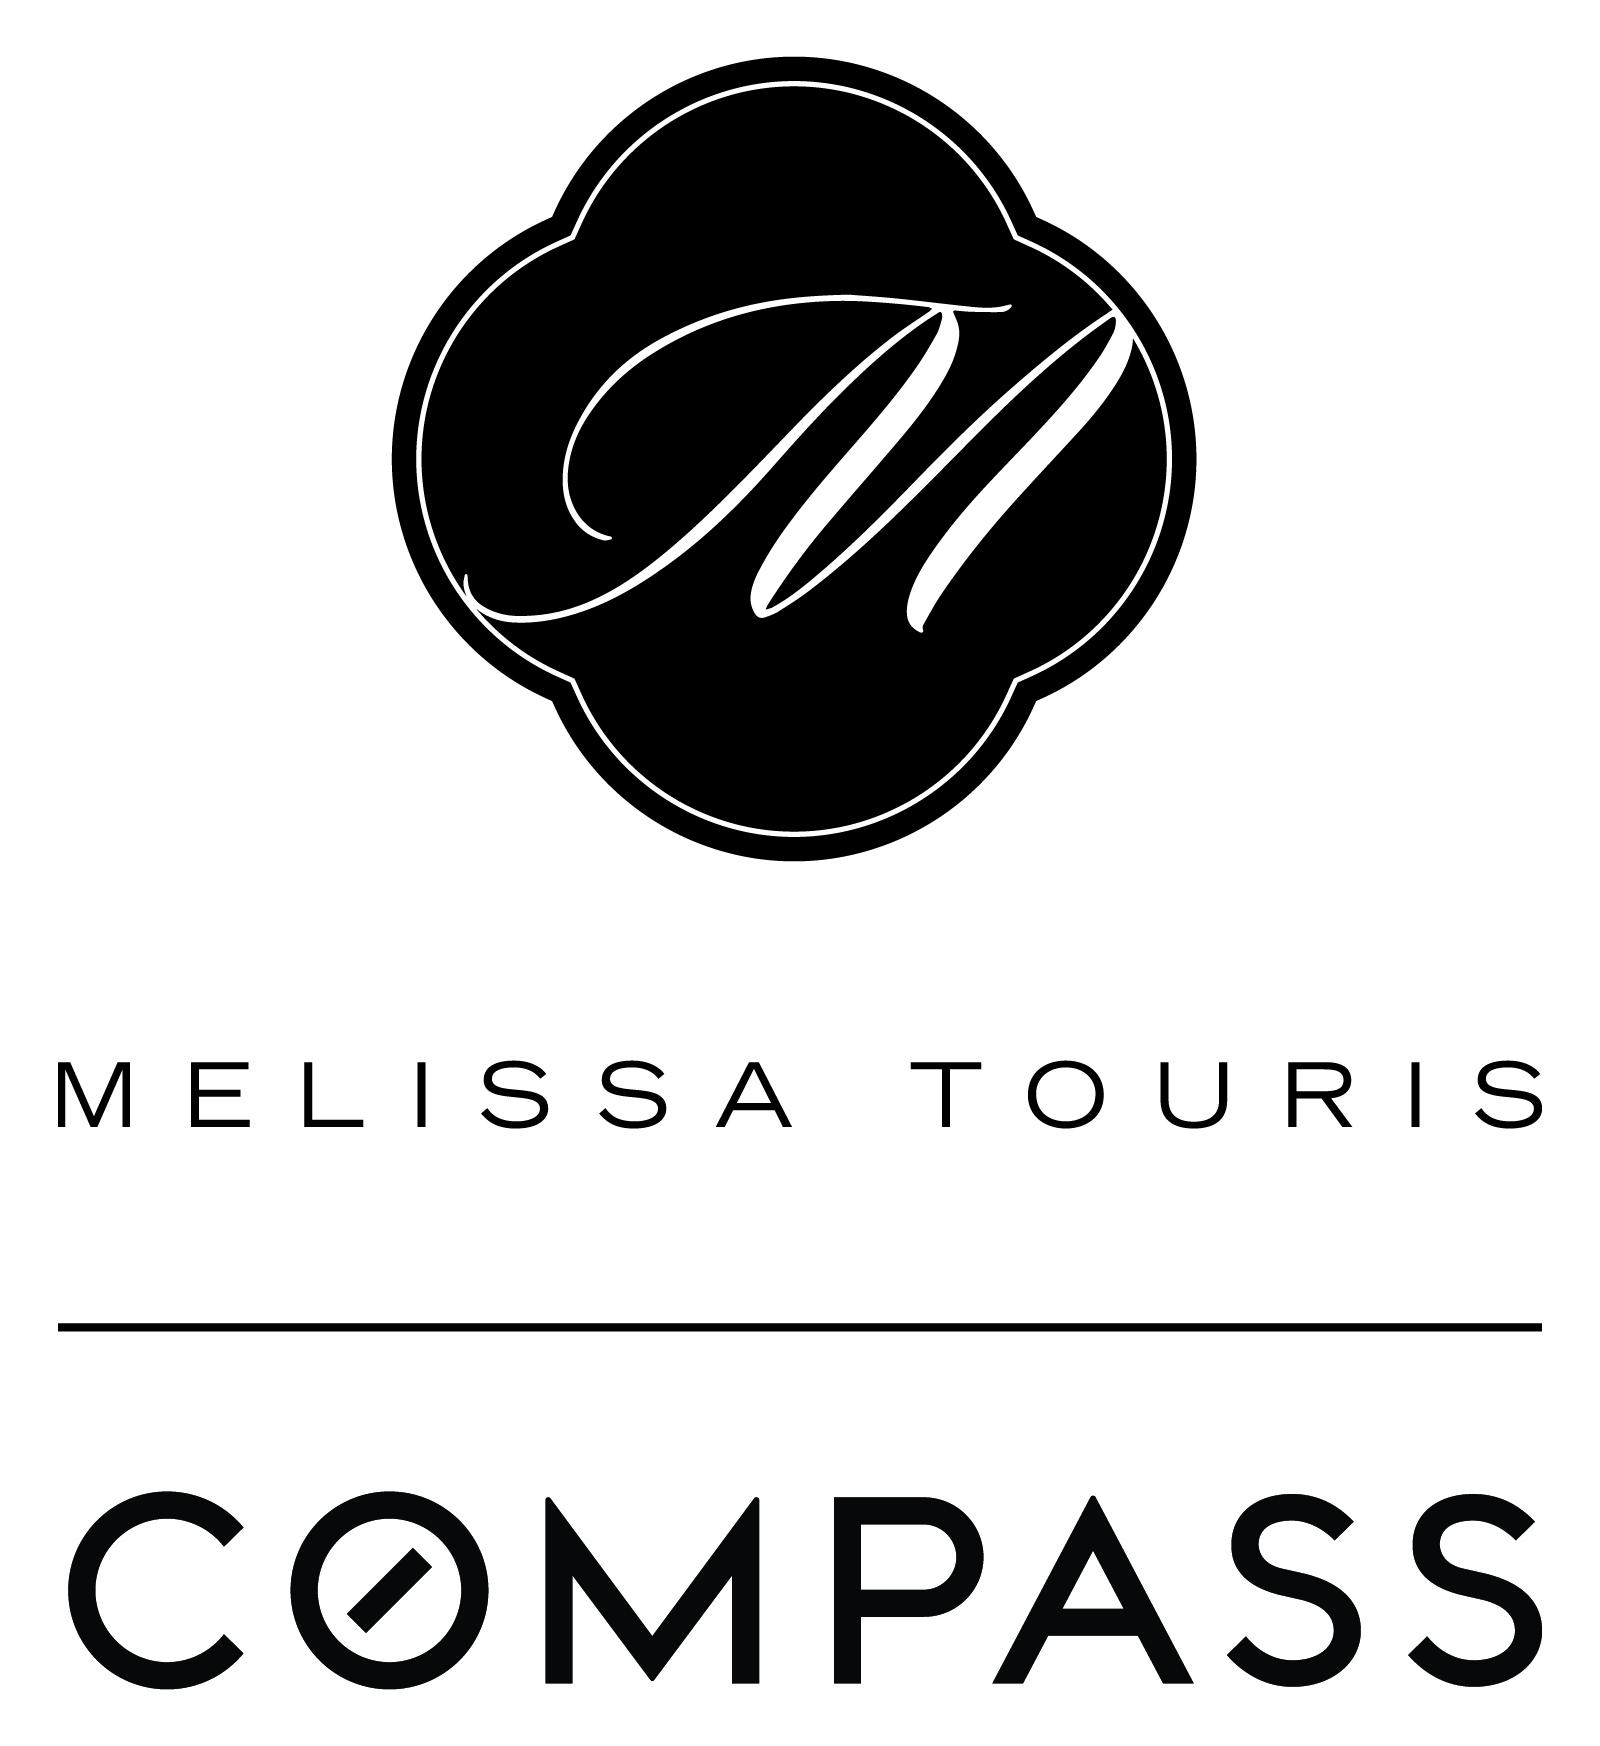 melissatouris+compass_vertical.jpg